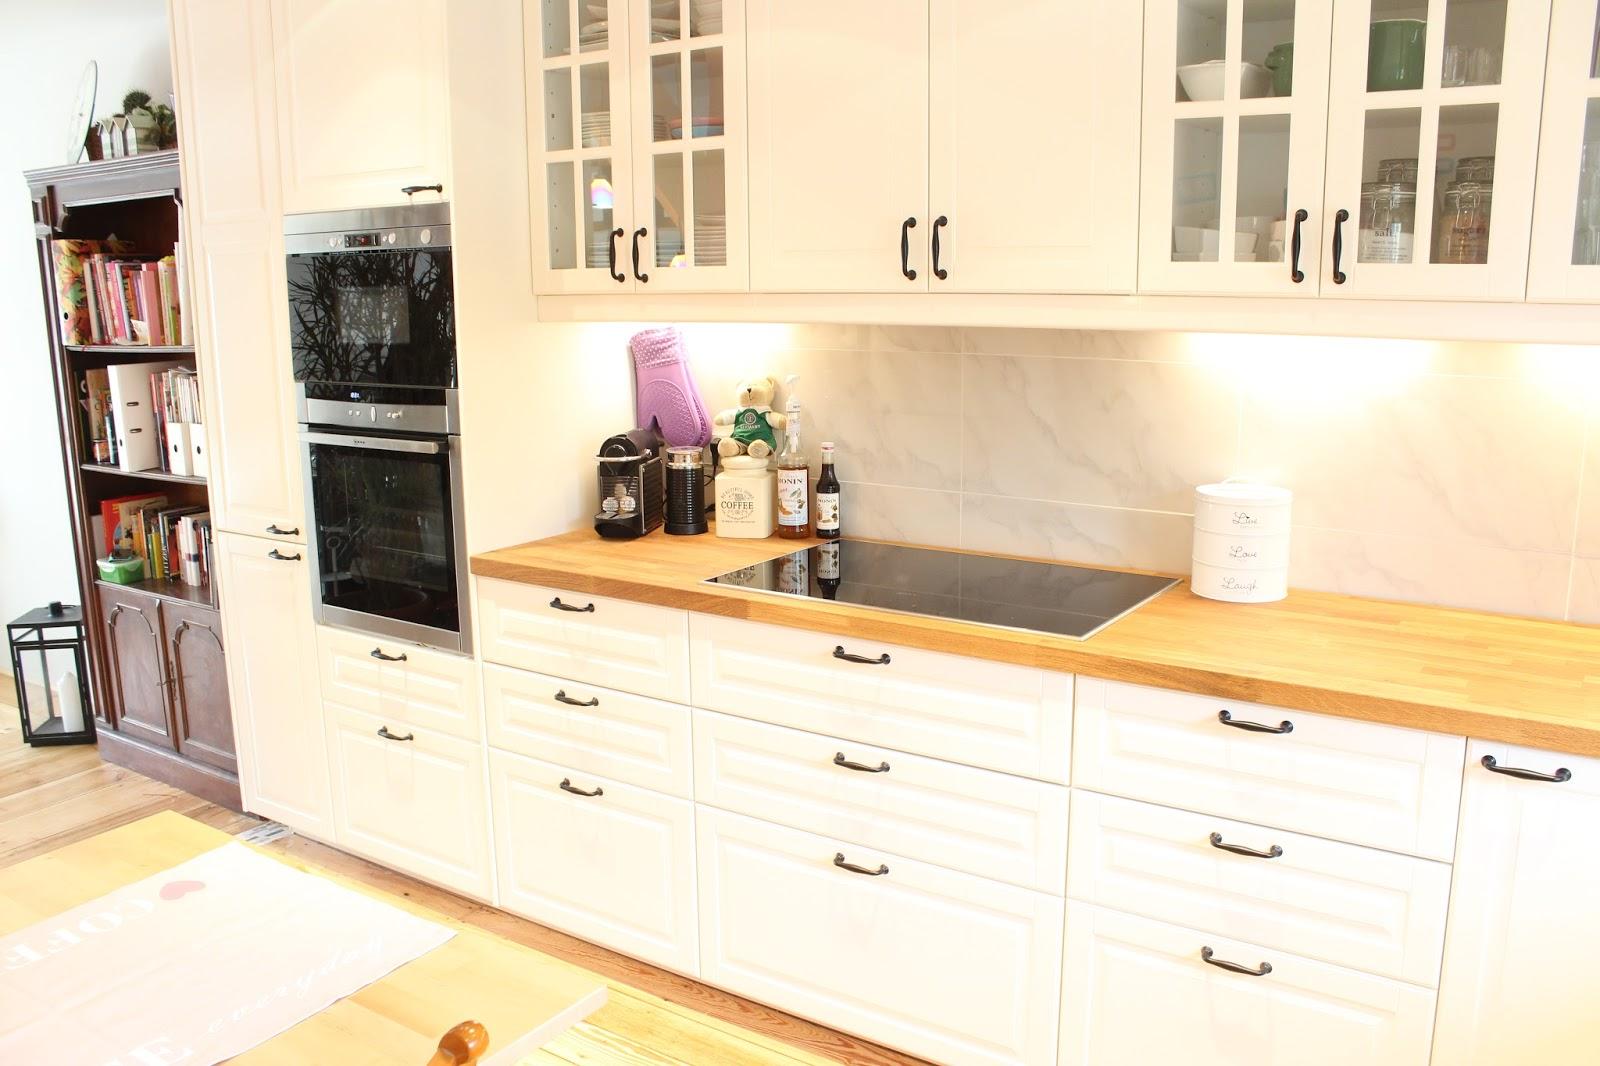 Rundgang Wohnzimmer und Küche - Hausbau -